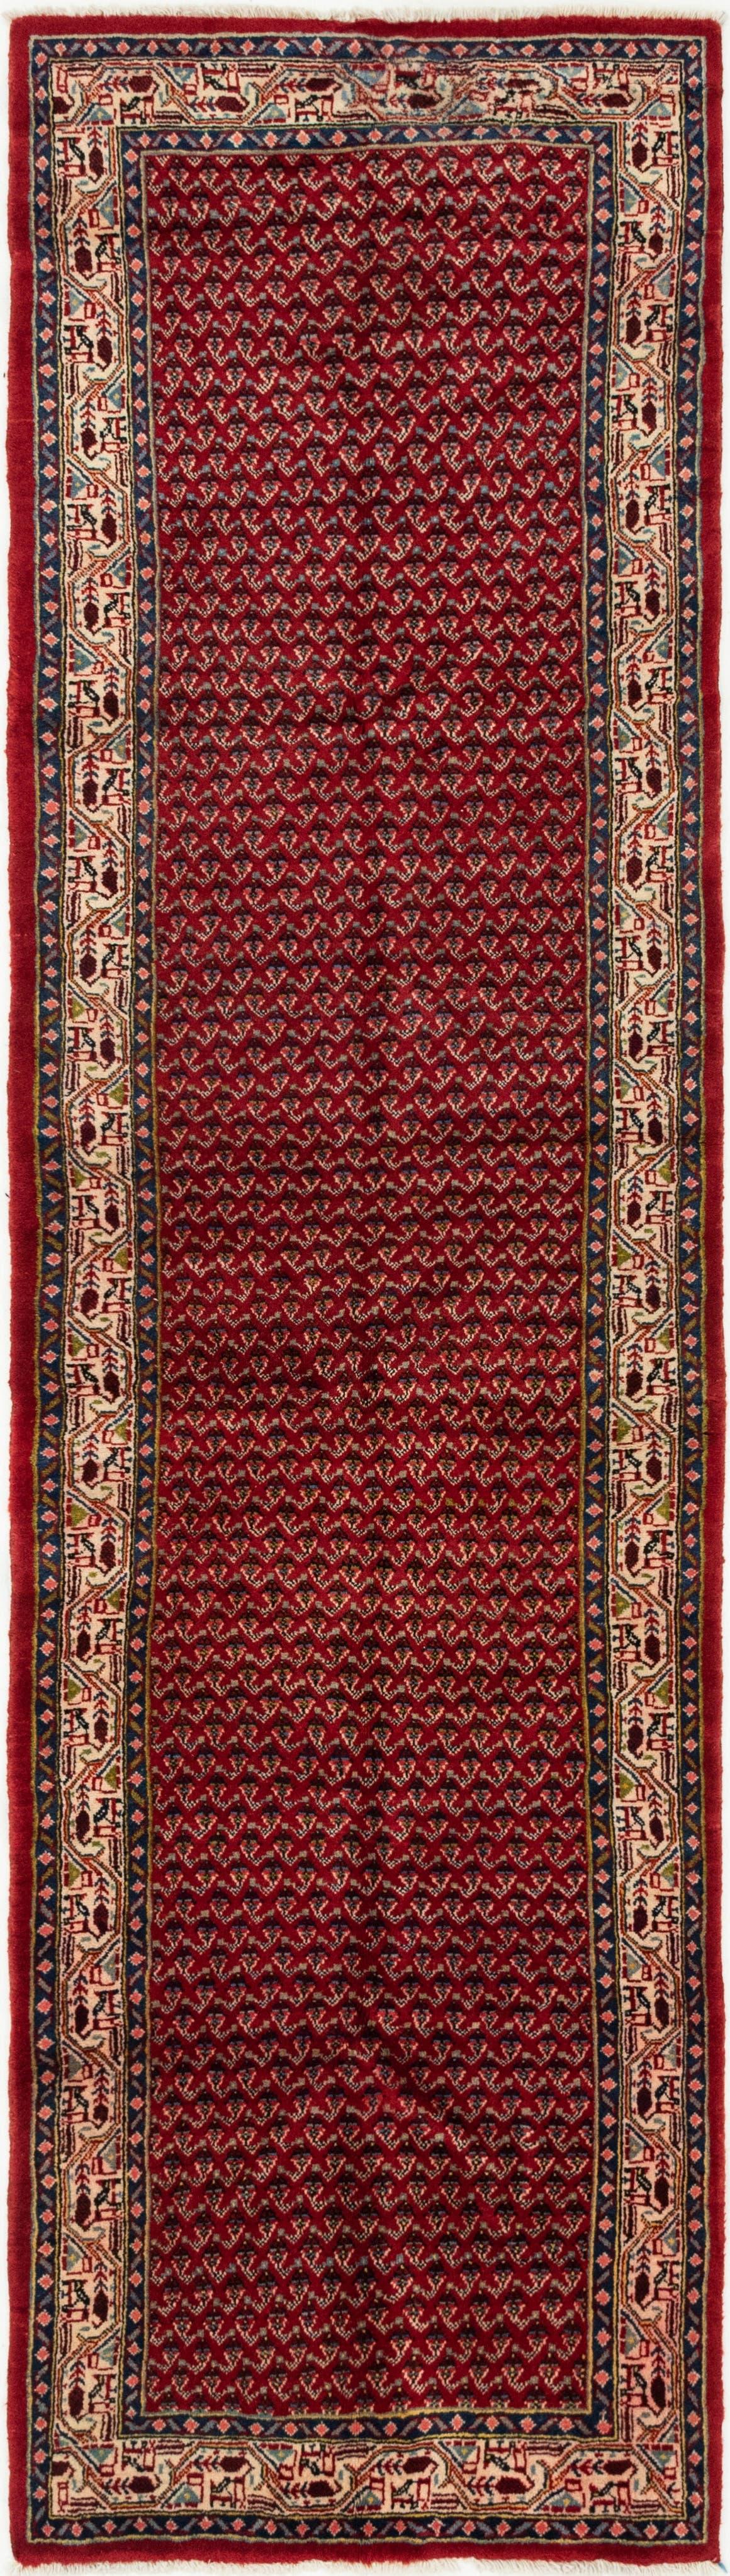 3' 5 x 12' 10 Botemir Persian Runner Rug main image